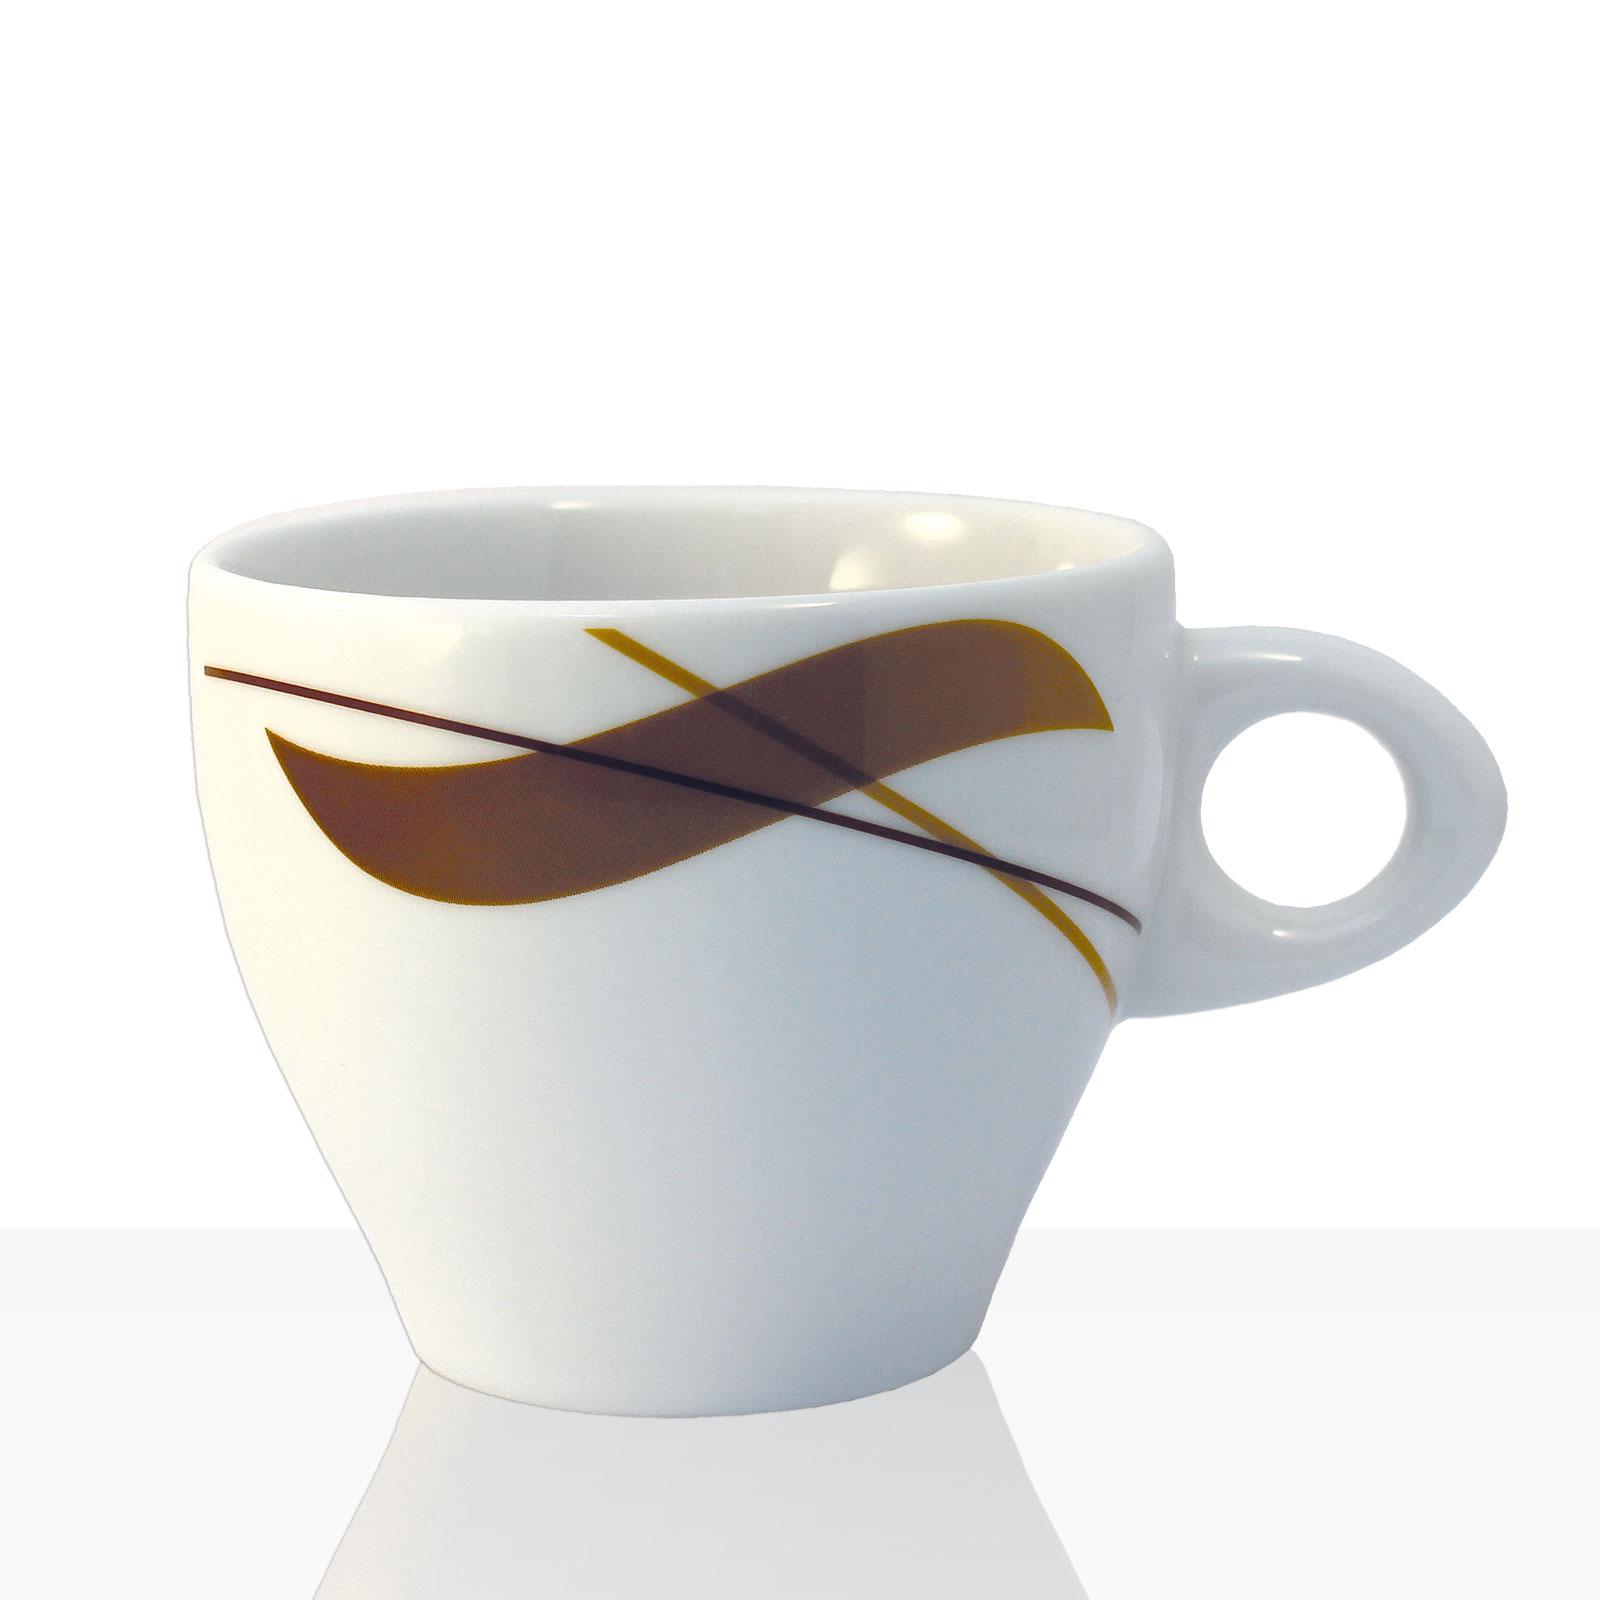 Coffeefair Kaffee-Geschirr - Cappuccino-Tasse im edlen Design, 250ml 1Stk, von Seltmann Weiden